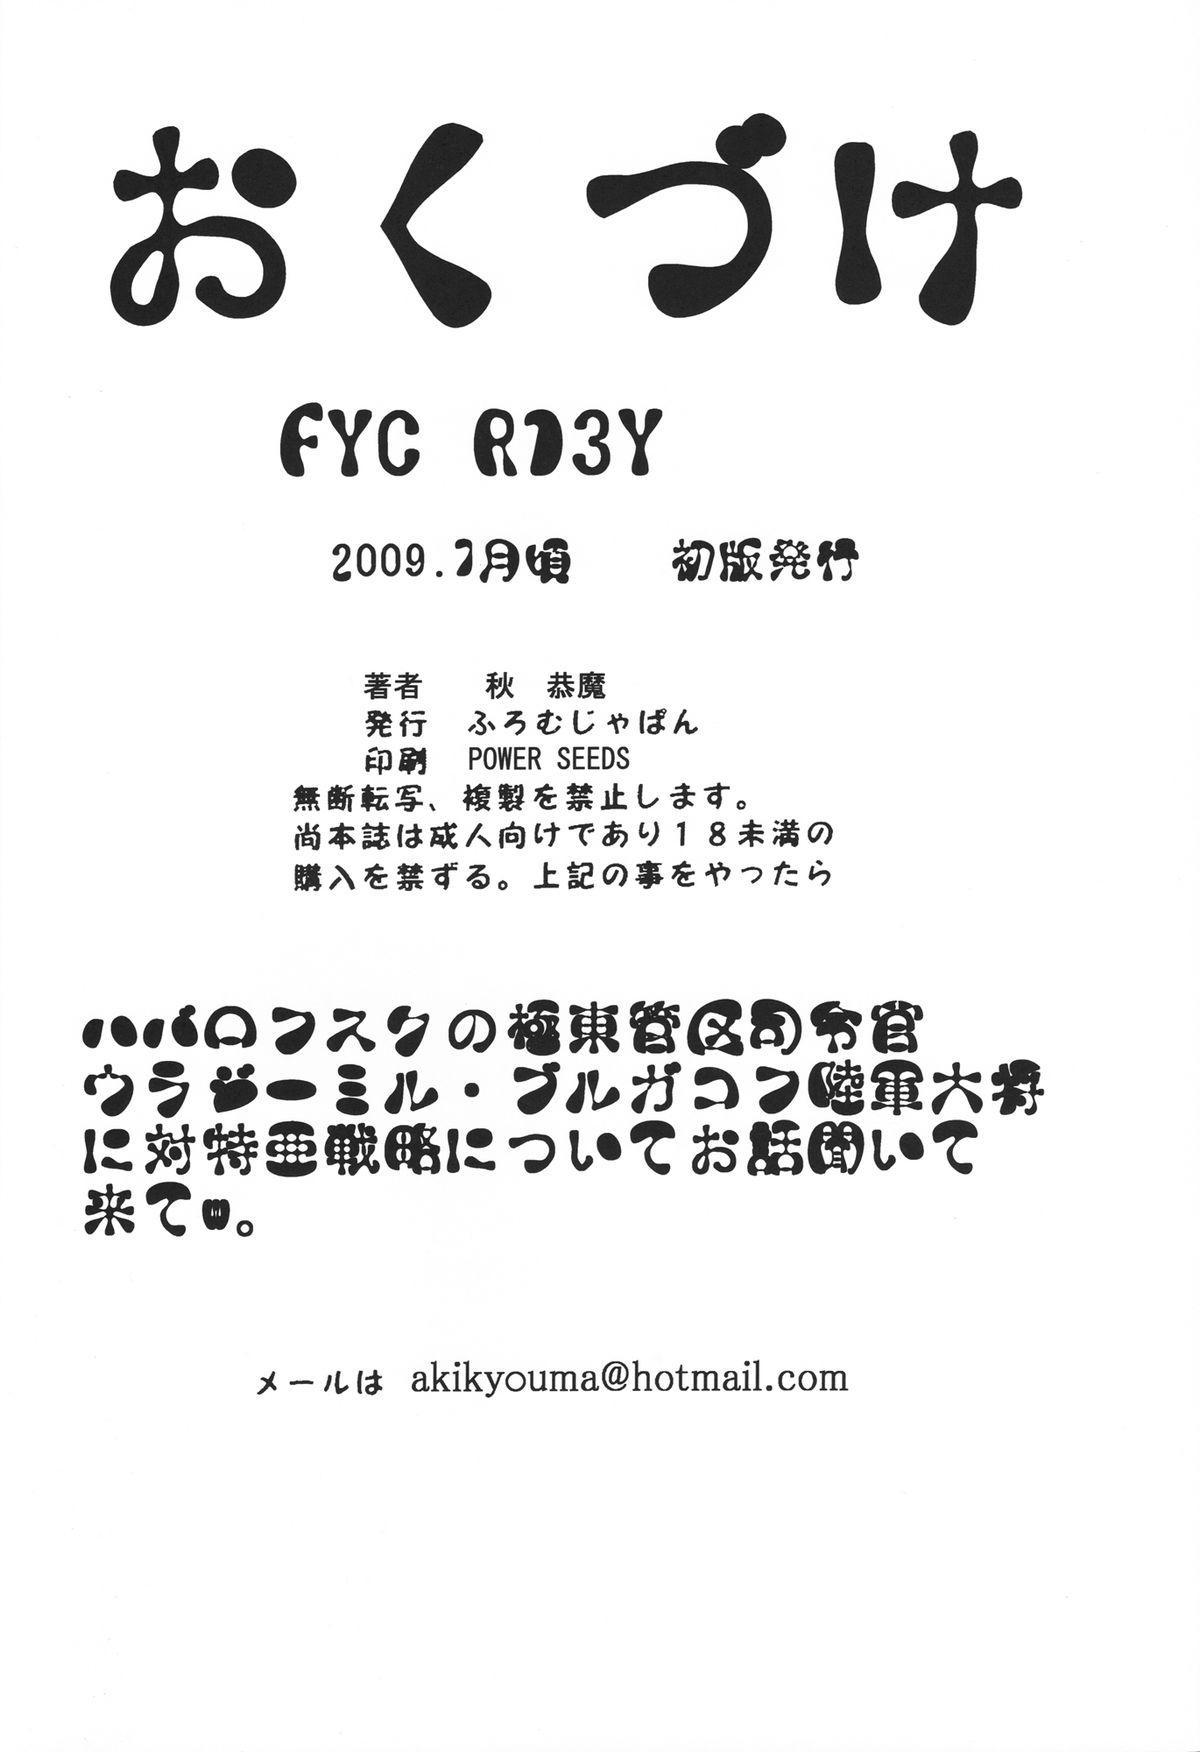 FYC R13Y 64